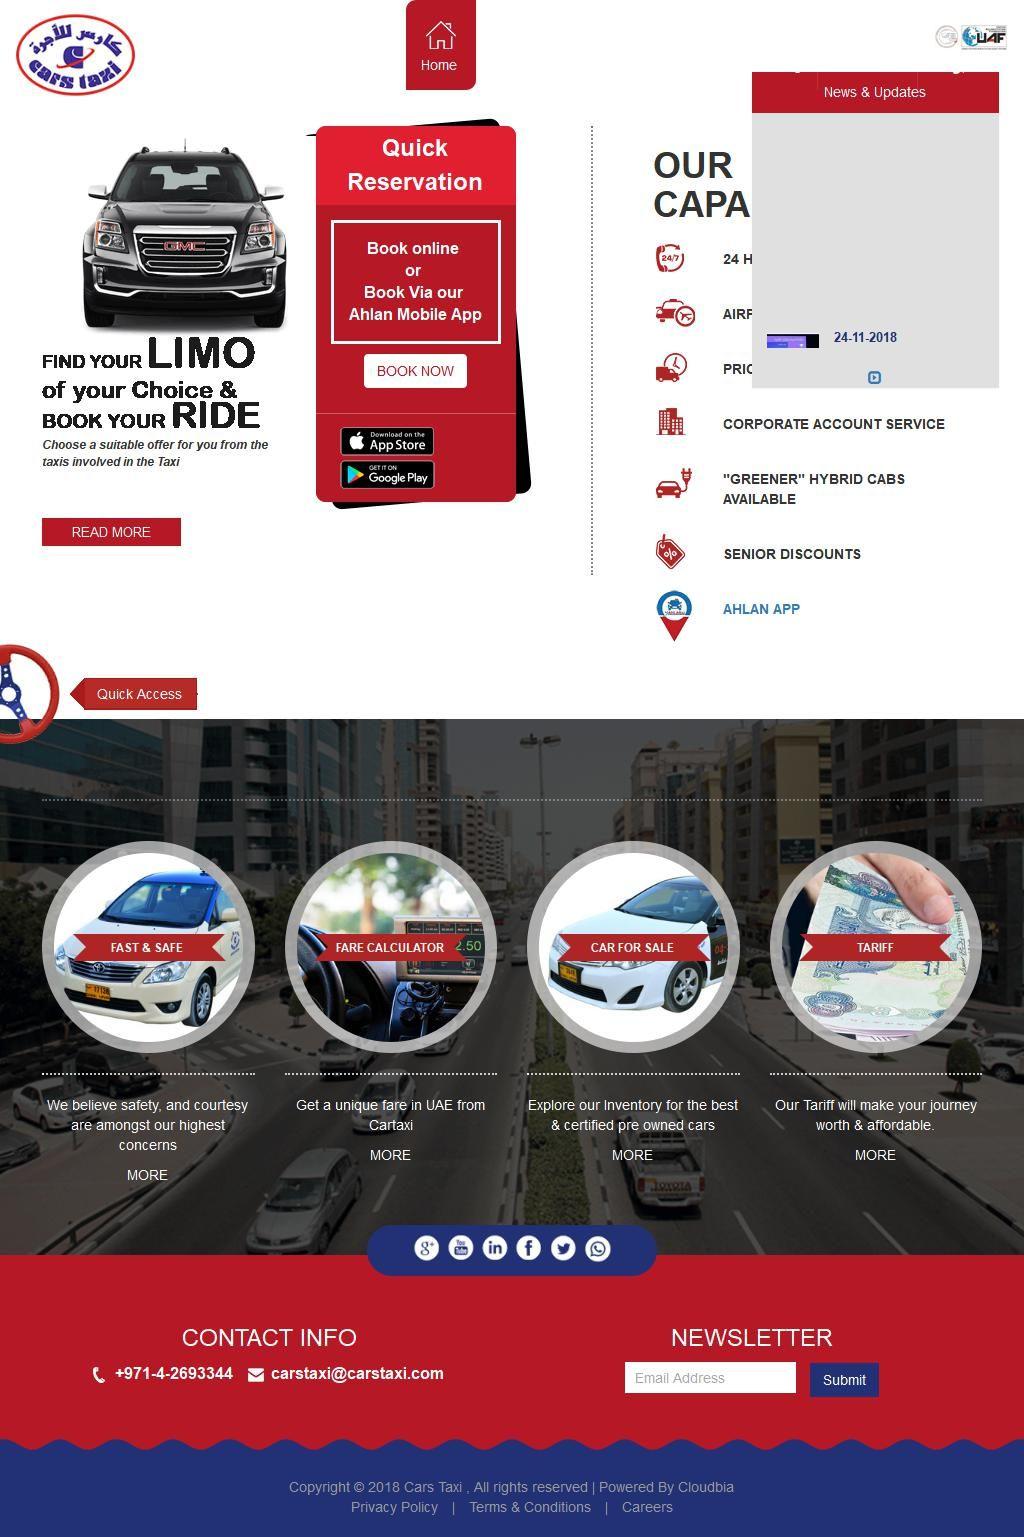 Car Taxi Service Company 10 7a Street G Floor Al Khabaisi 128